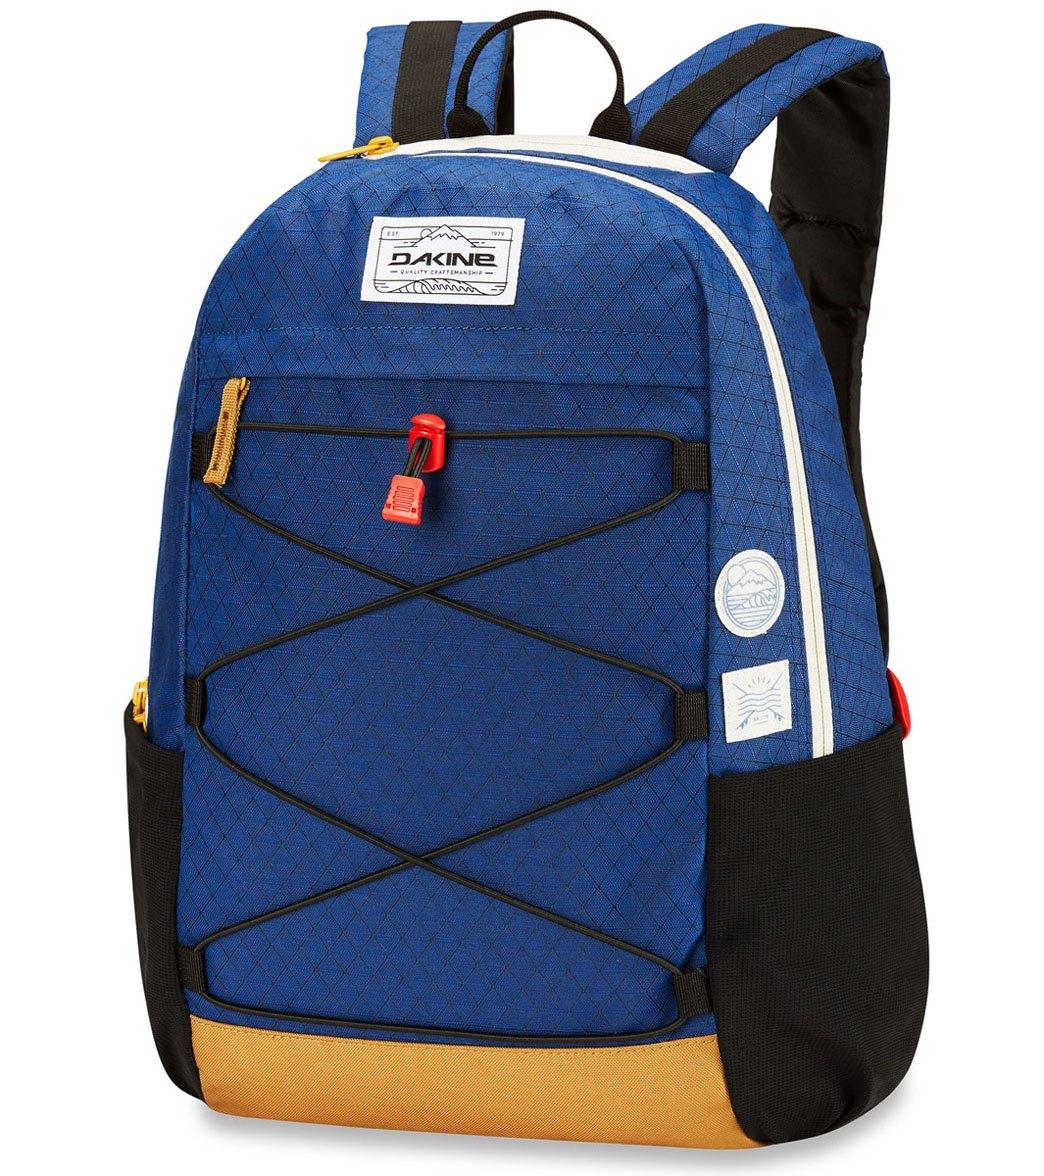 3ccf19506cc Dakine Wonder 22L Backpack at SwimOutlet.com